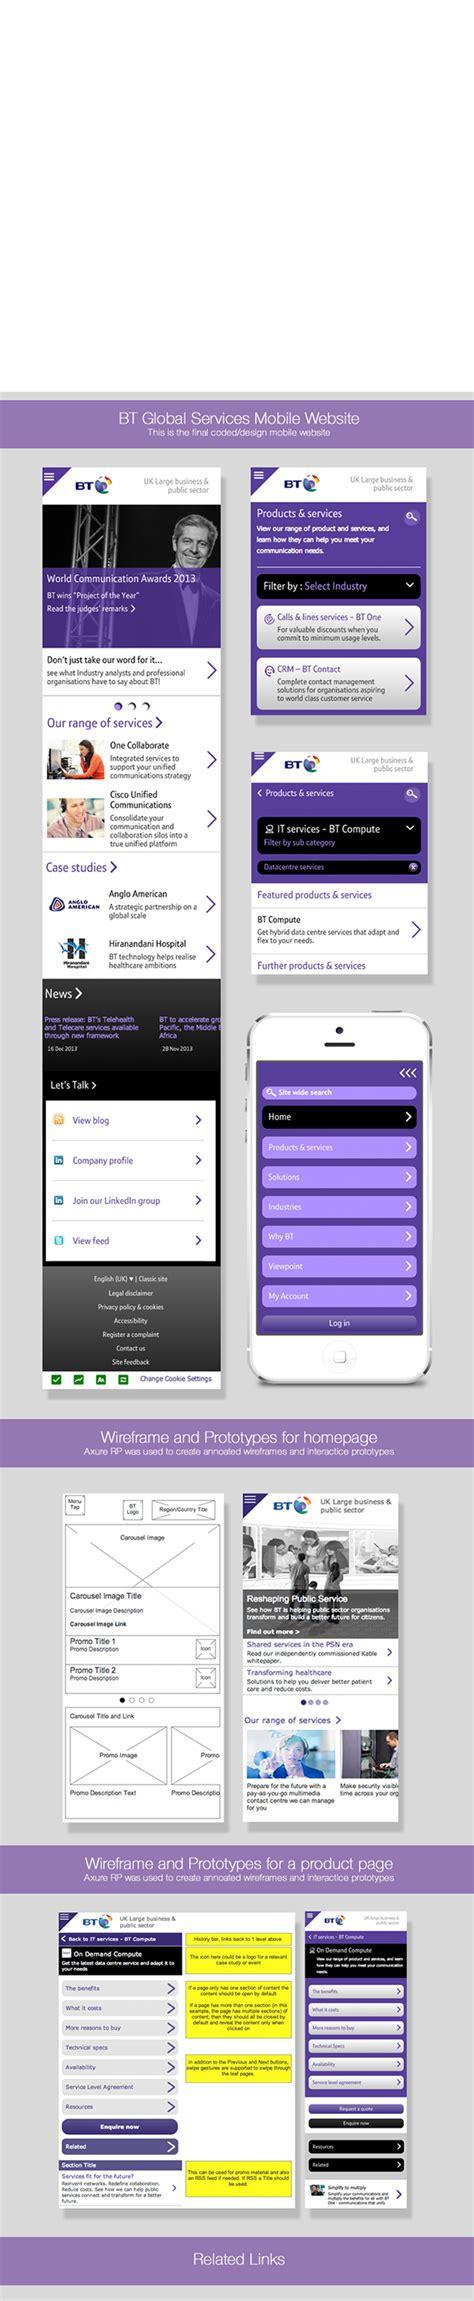 bt mobile service bt global services mobile website on behance